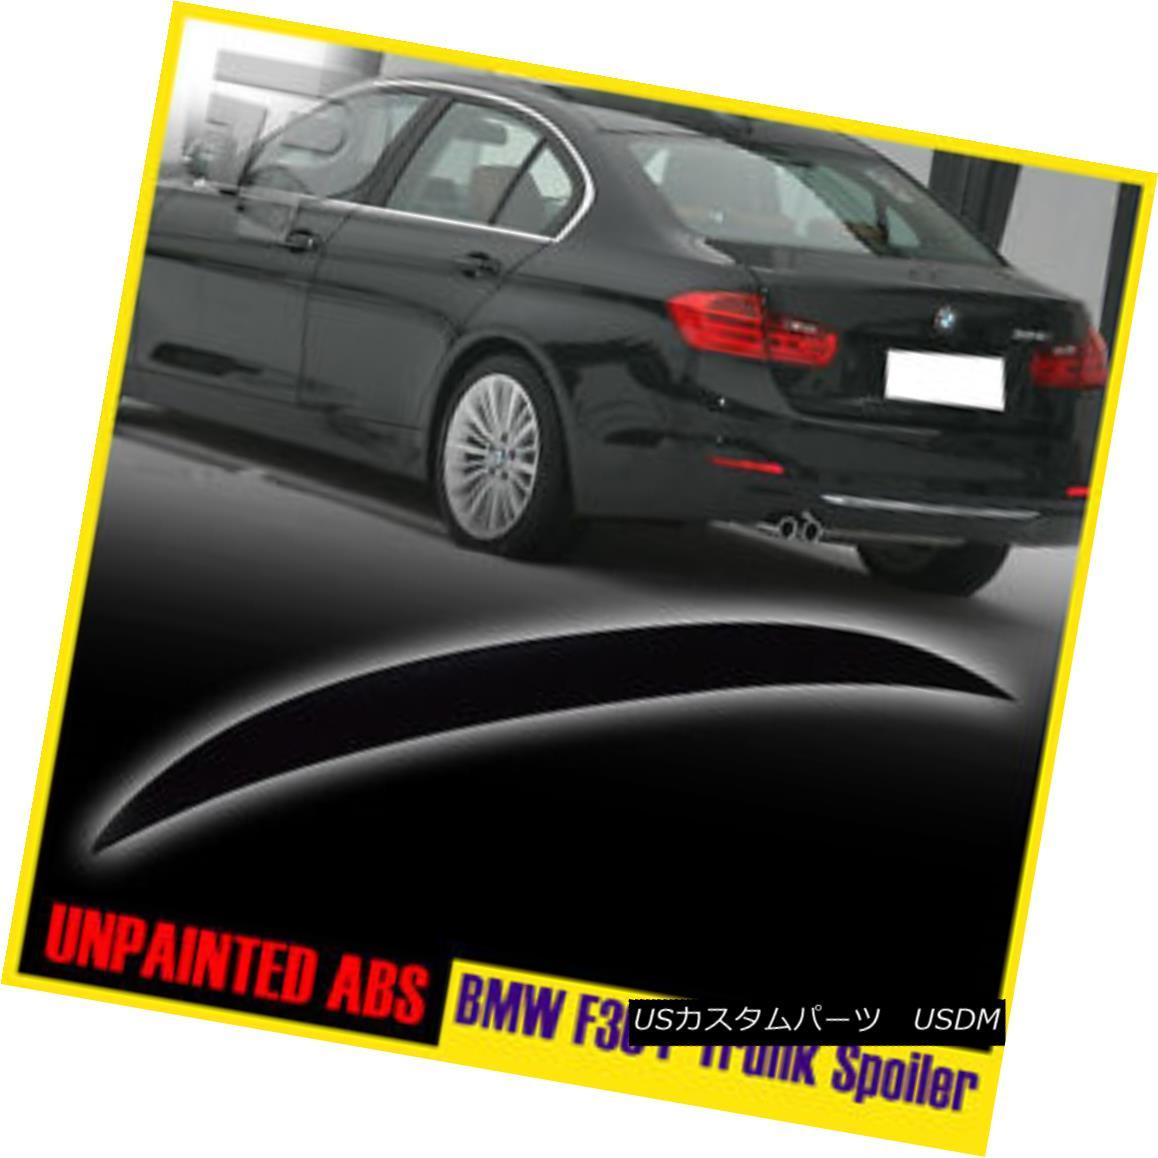 エアロパーツ BMW 3-Series F30 HIGH KICK Performance P-Type Rear Trunk Spoiler ABS 12-16 BMW 3シリーズF30 HIGH KICKパフォーマンスPタイプリアトランクスポイラーABS 12-16